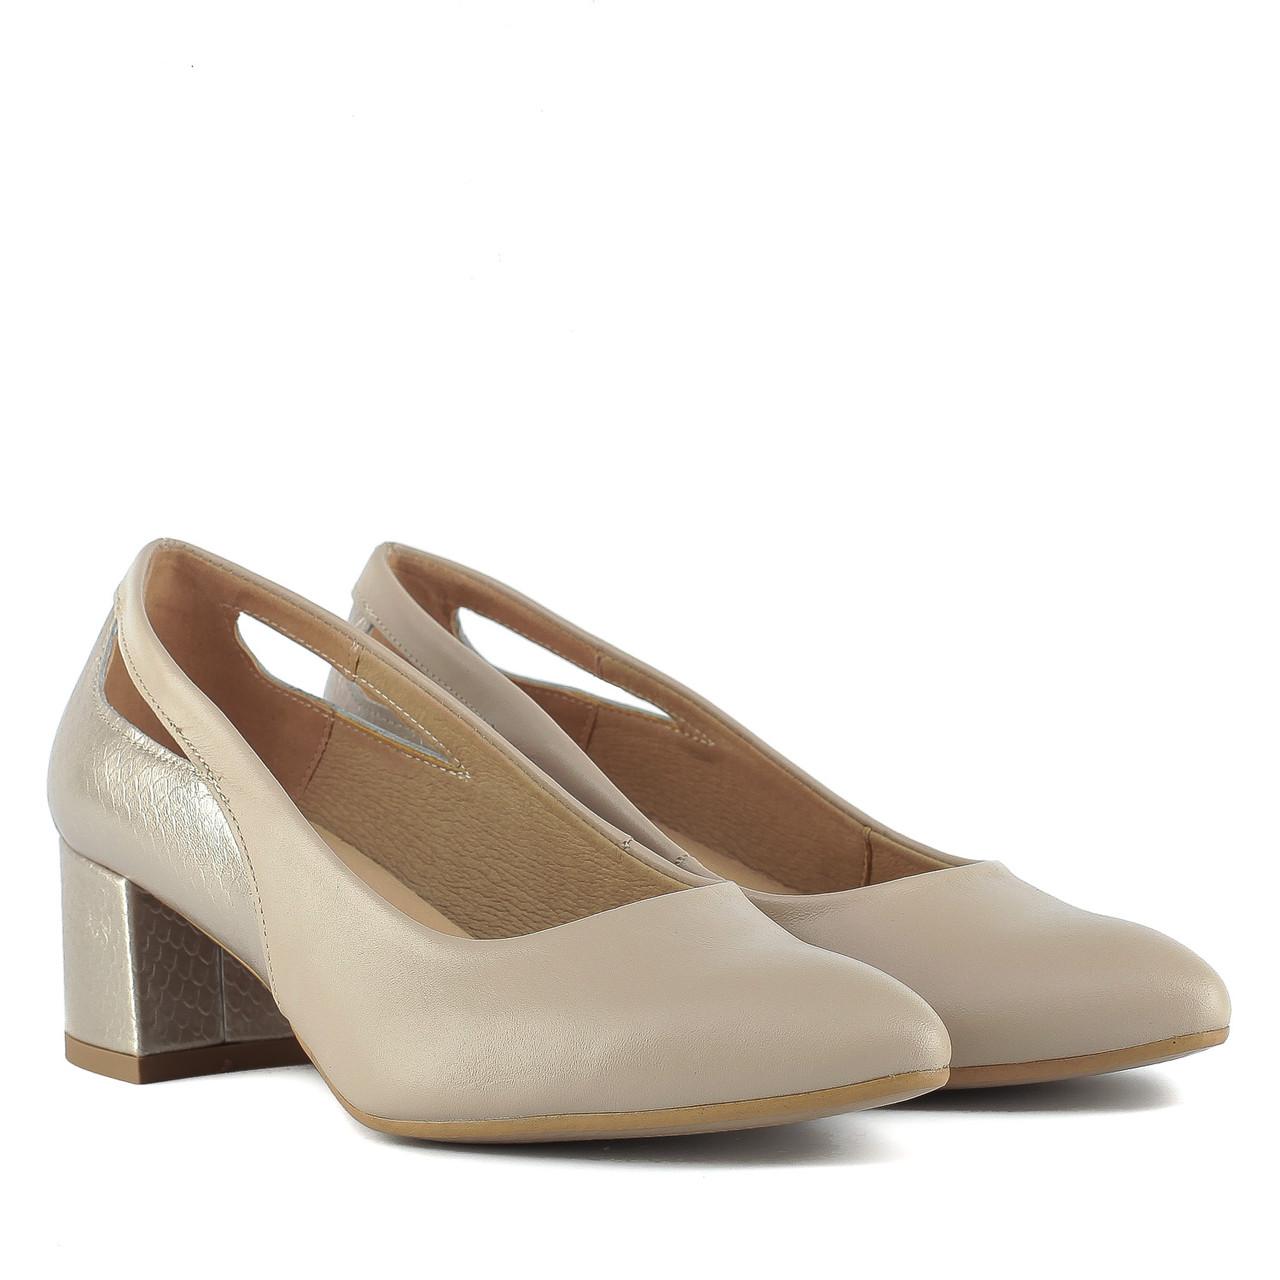 58f89a360 Туфли женские KORZENIOWSKI (кожаные, оригинальные, модные, на удобном  каблуке) 41